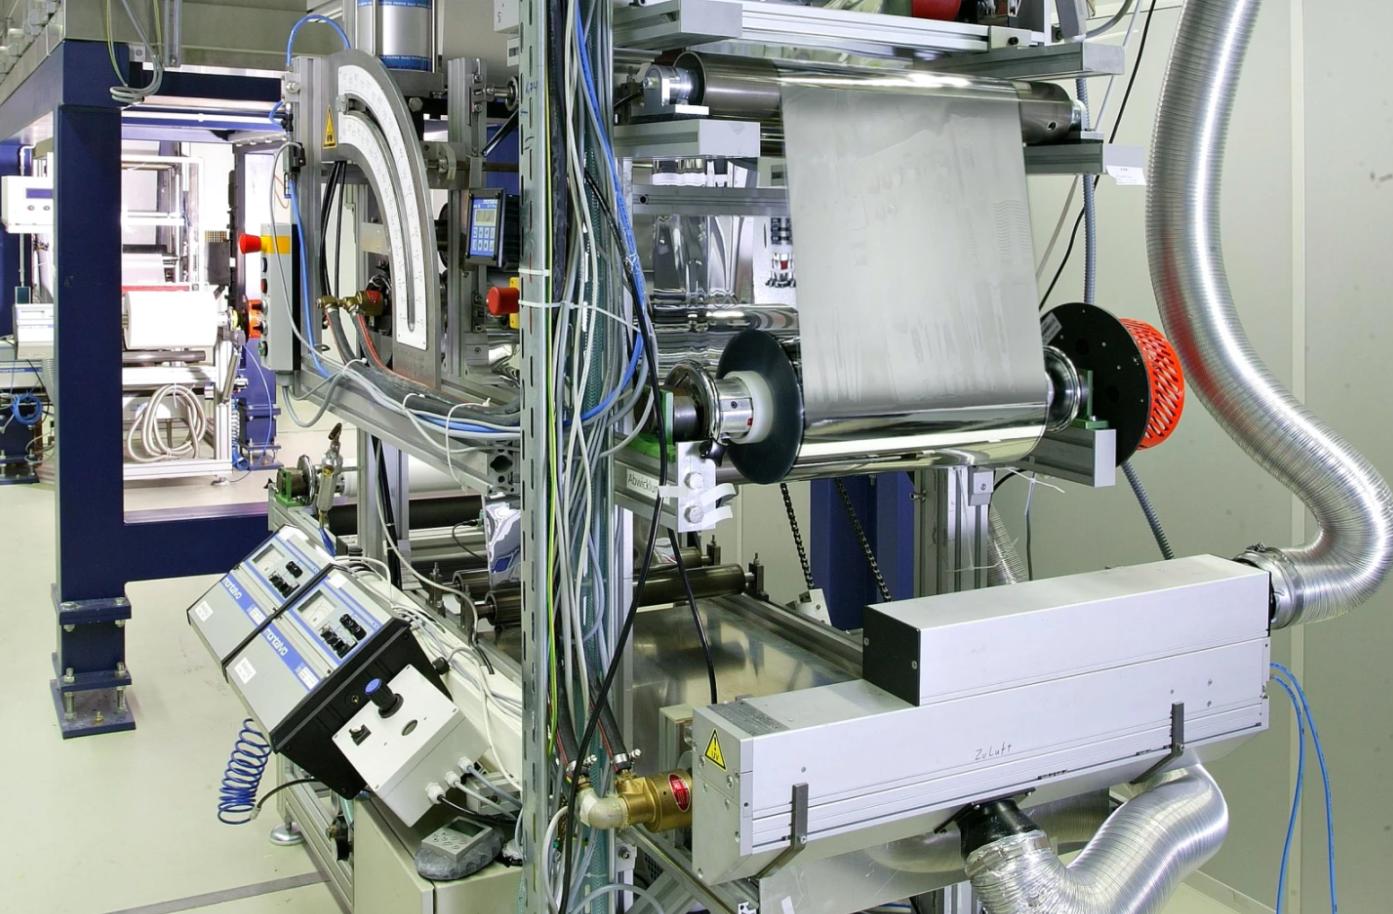 Біоактивні паперовий пакет вбиває бактерії, що викликають псування продуктів